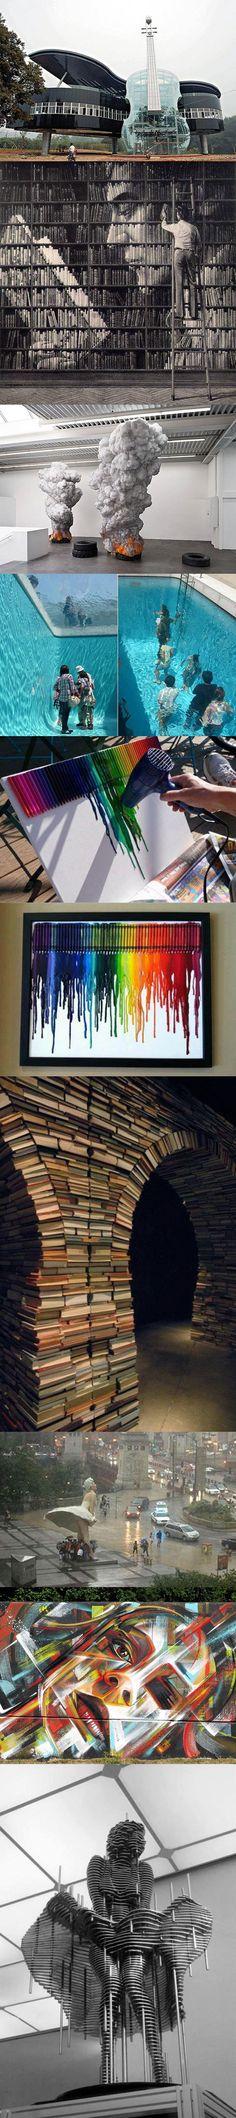 http://www.artskills.net/wp-content/uploads/2012/08/vu13.jpg